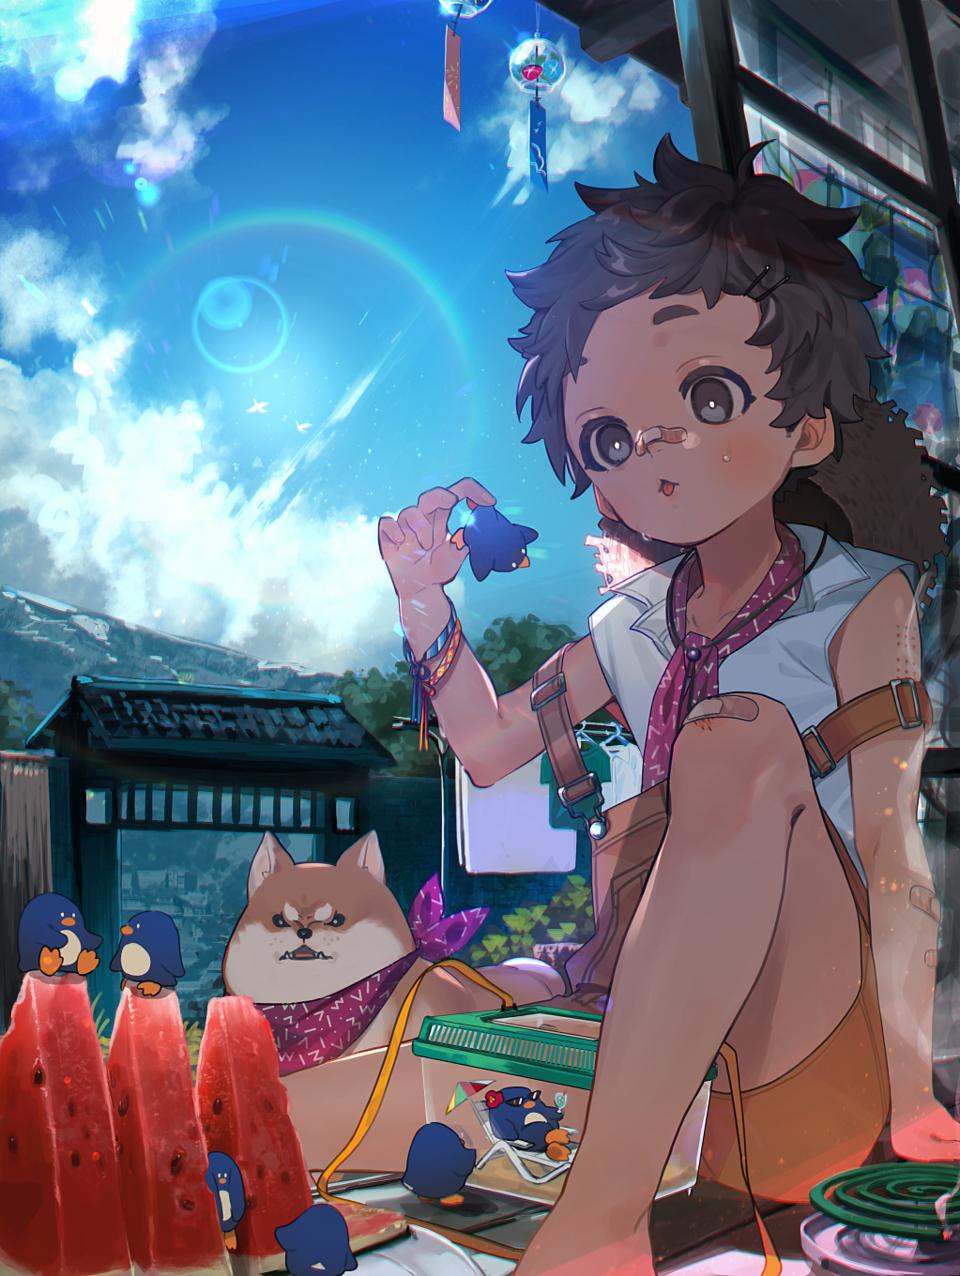 夏 Illust of 牛野こも boy summer original